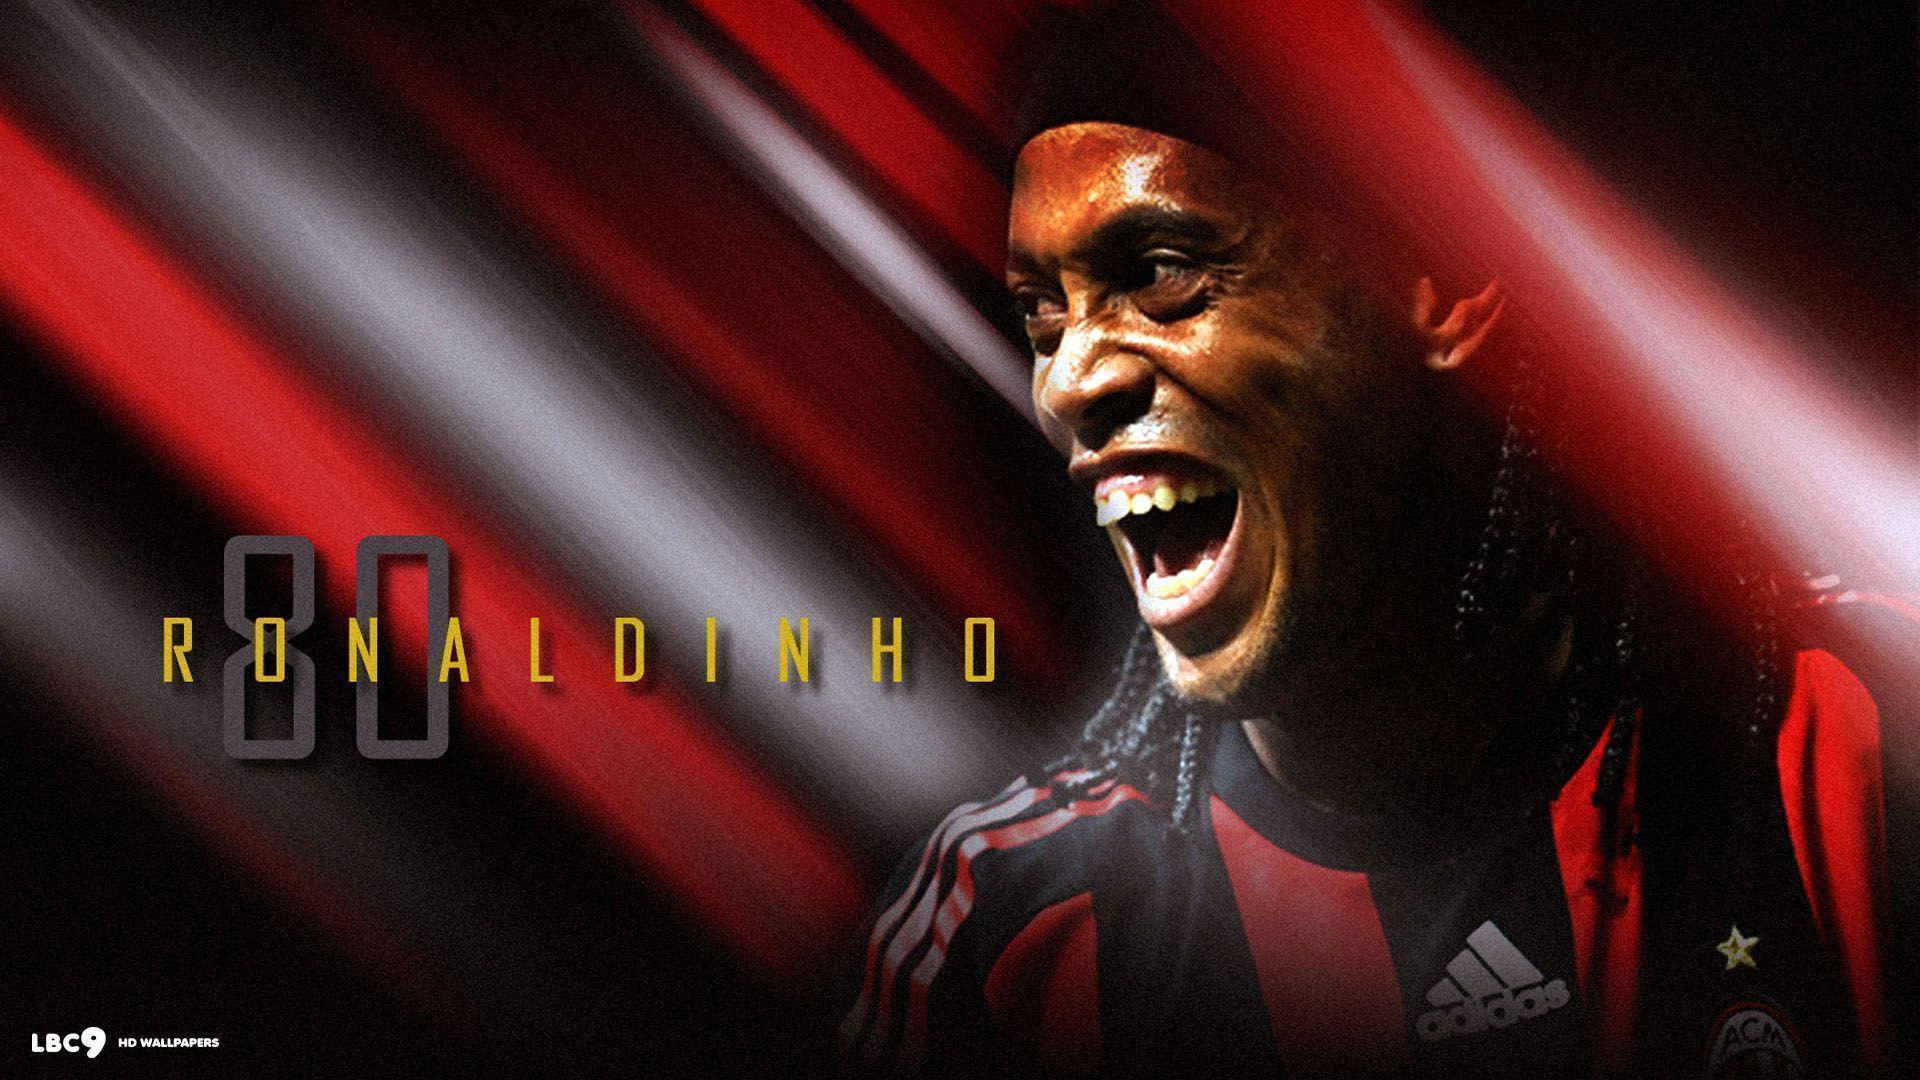 Ronaldinho Gaúcho Wallpapers - Wallpaper Cave